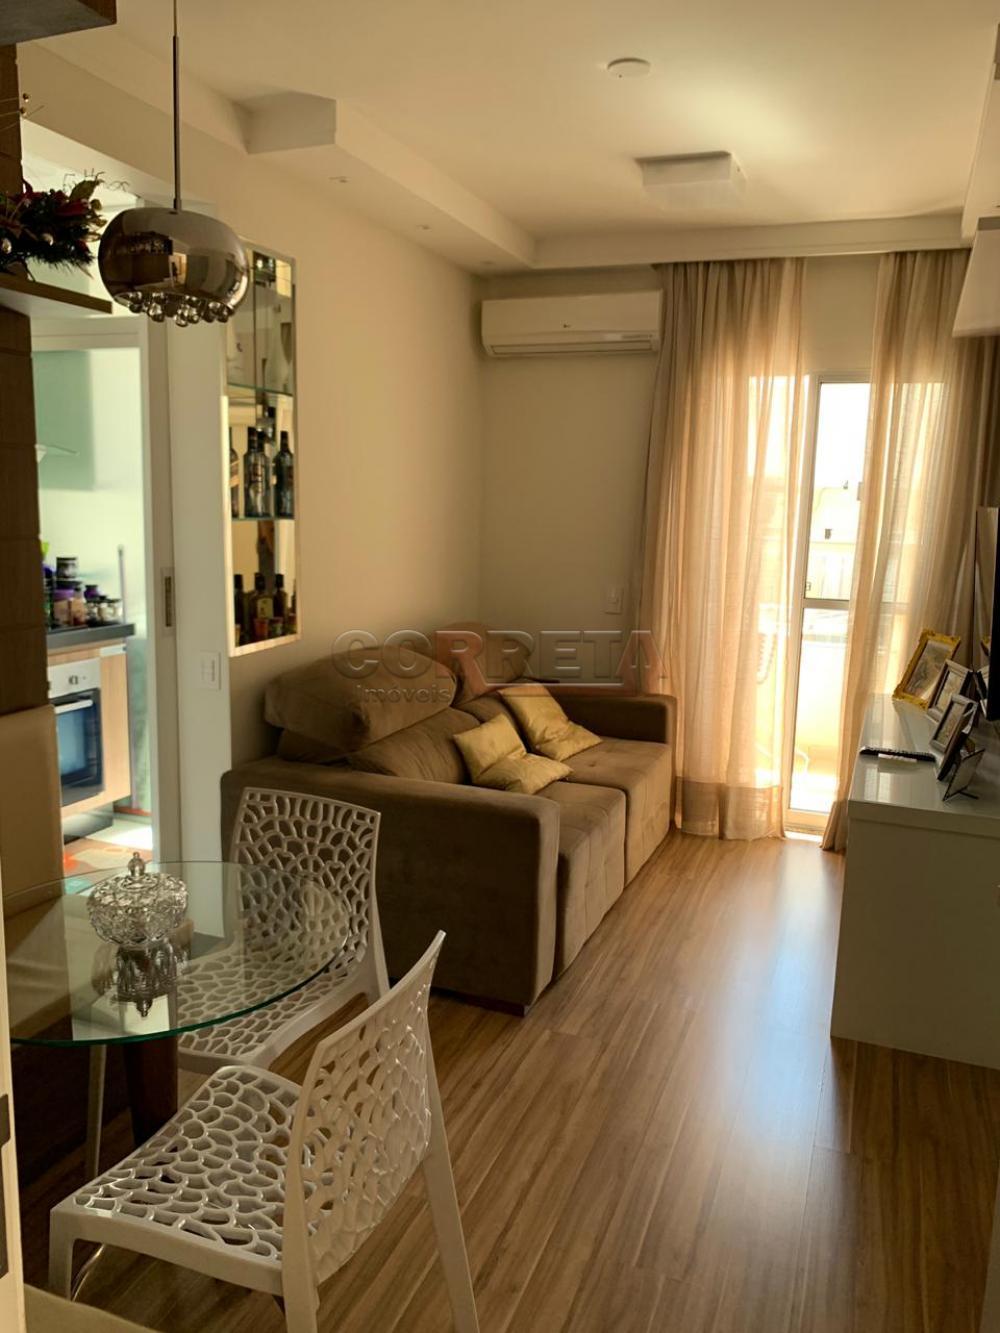 Comprar Apartamento / Padrão em Araçatuba R$ 185.000,00 - Foto 3